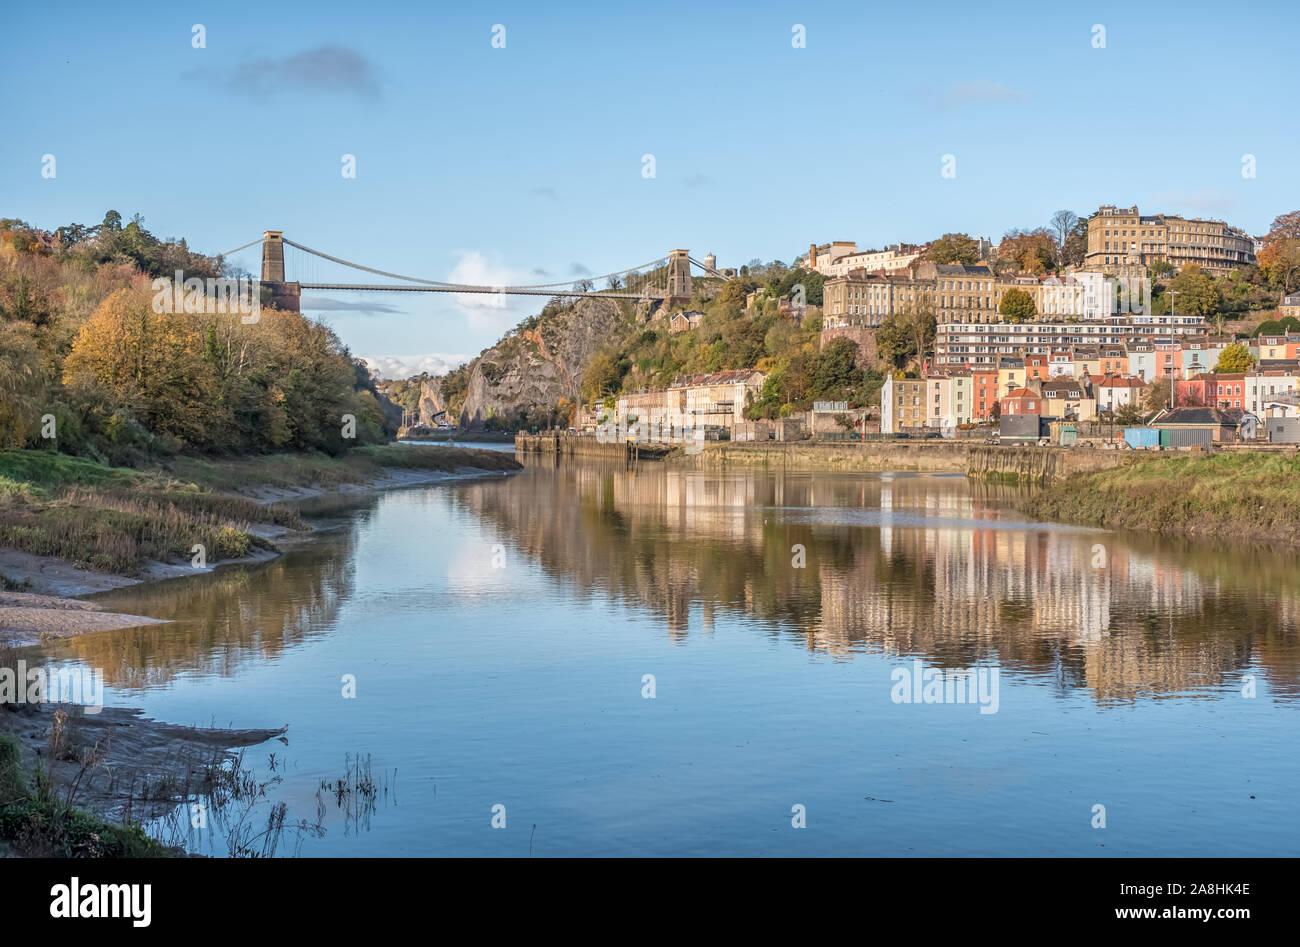 Le pont suspendu de Clifton, l'Avon Gorge de condensats chauds et à au nord de l'Leigh Woods côté de la rivière Avon sur une Soirée ensoleillée, Bristol, Royaume-Uni Banque D'Images